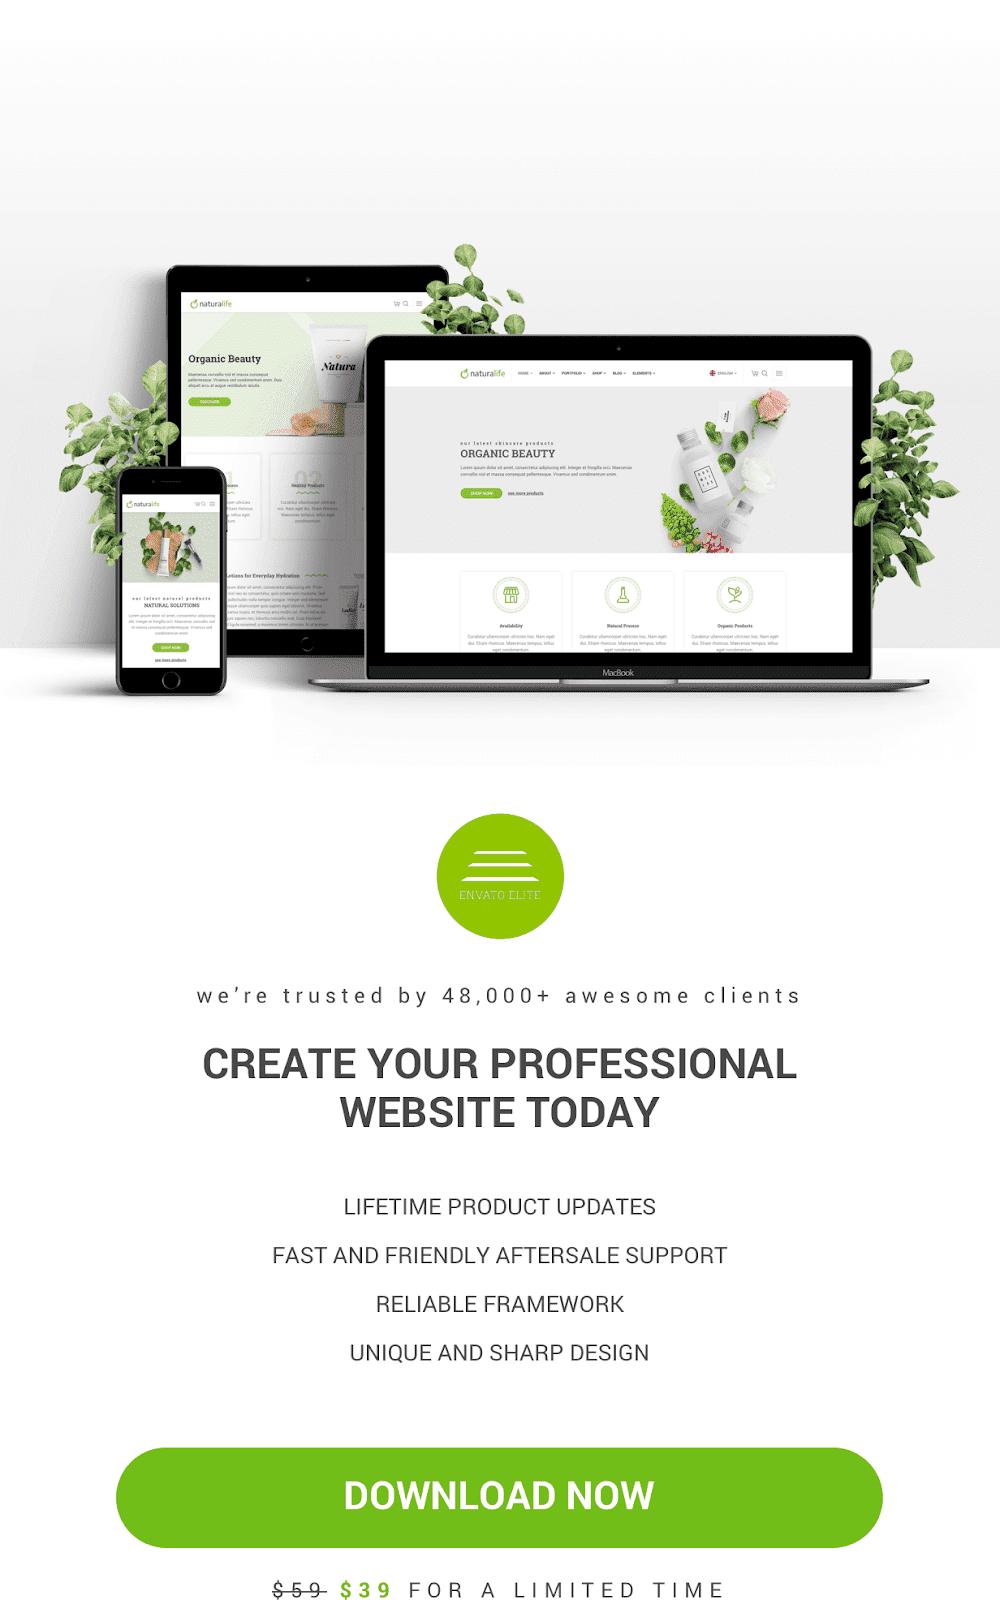 Best Wordpress Theme For Health & Organic - NaturaLife